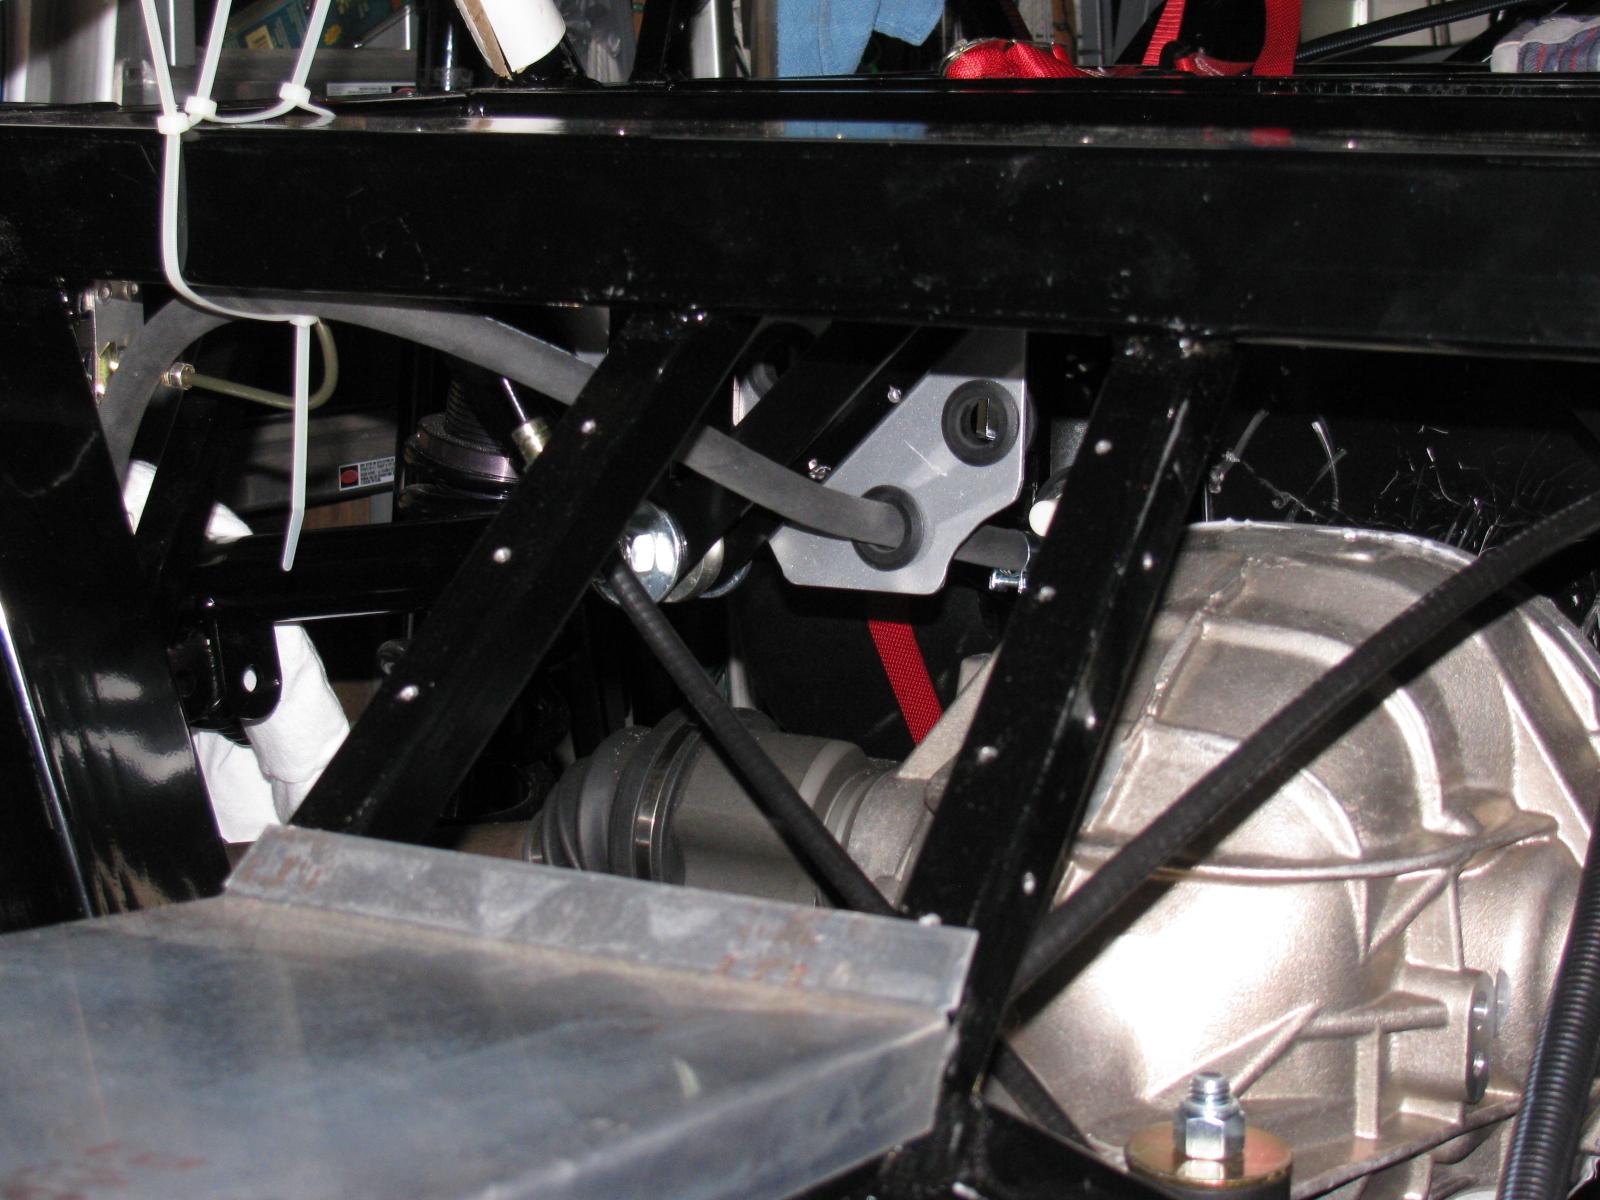 Irs Wayneyoshidakh6wz Pontiac Fiero Fuel Filter Location Img 8406 Kh6wz Triangle Bracket Line